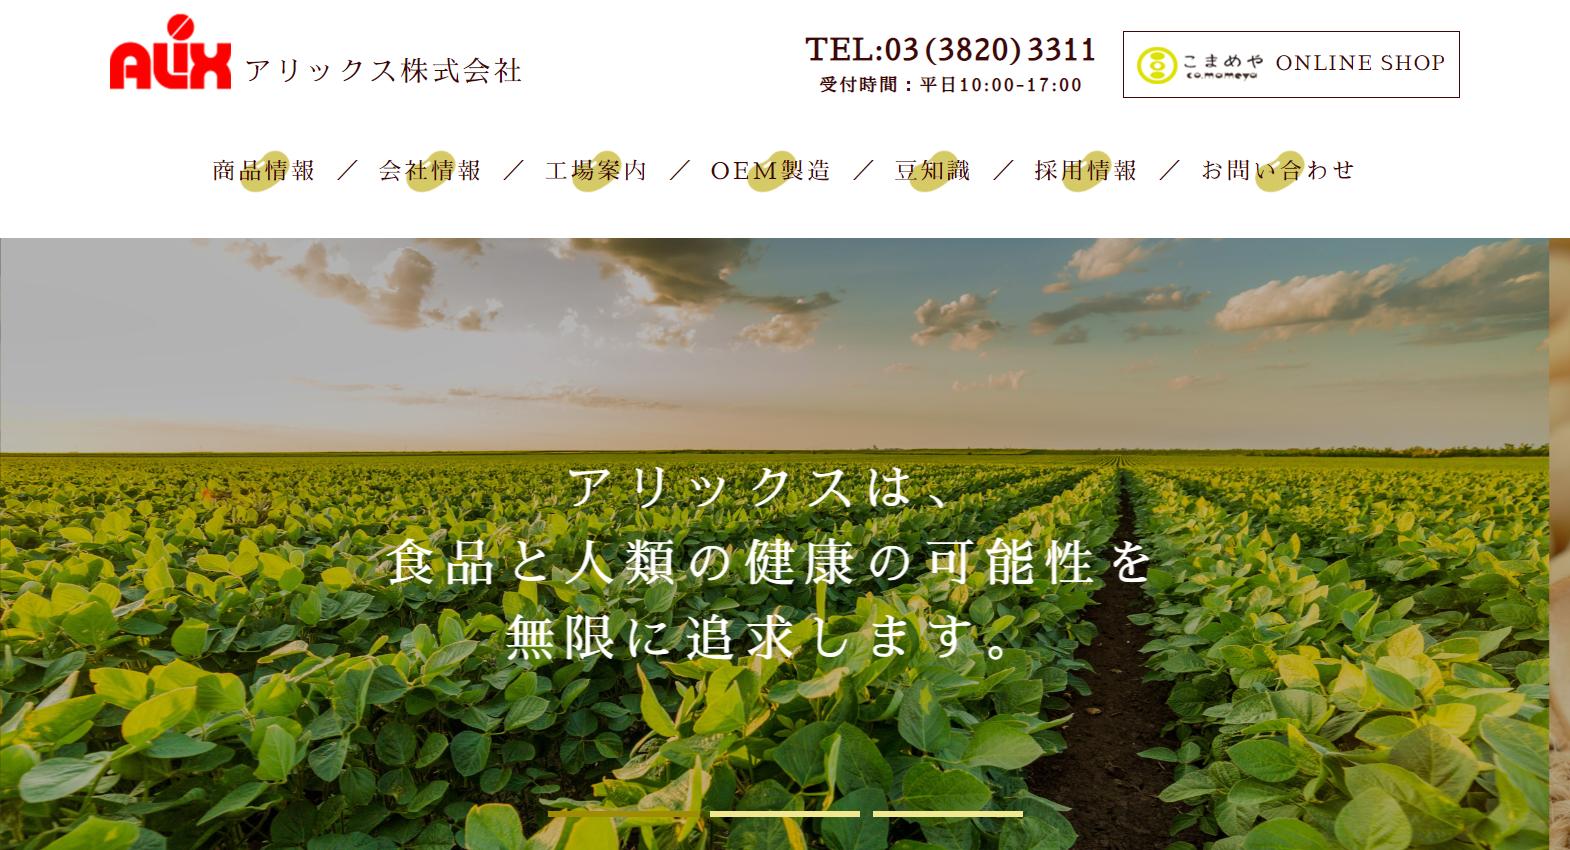 ホームページ制作実績アリックス株式会社